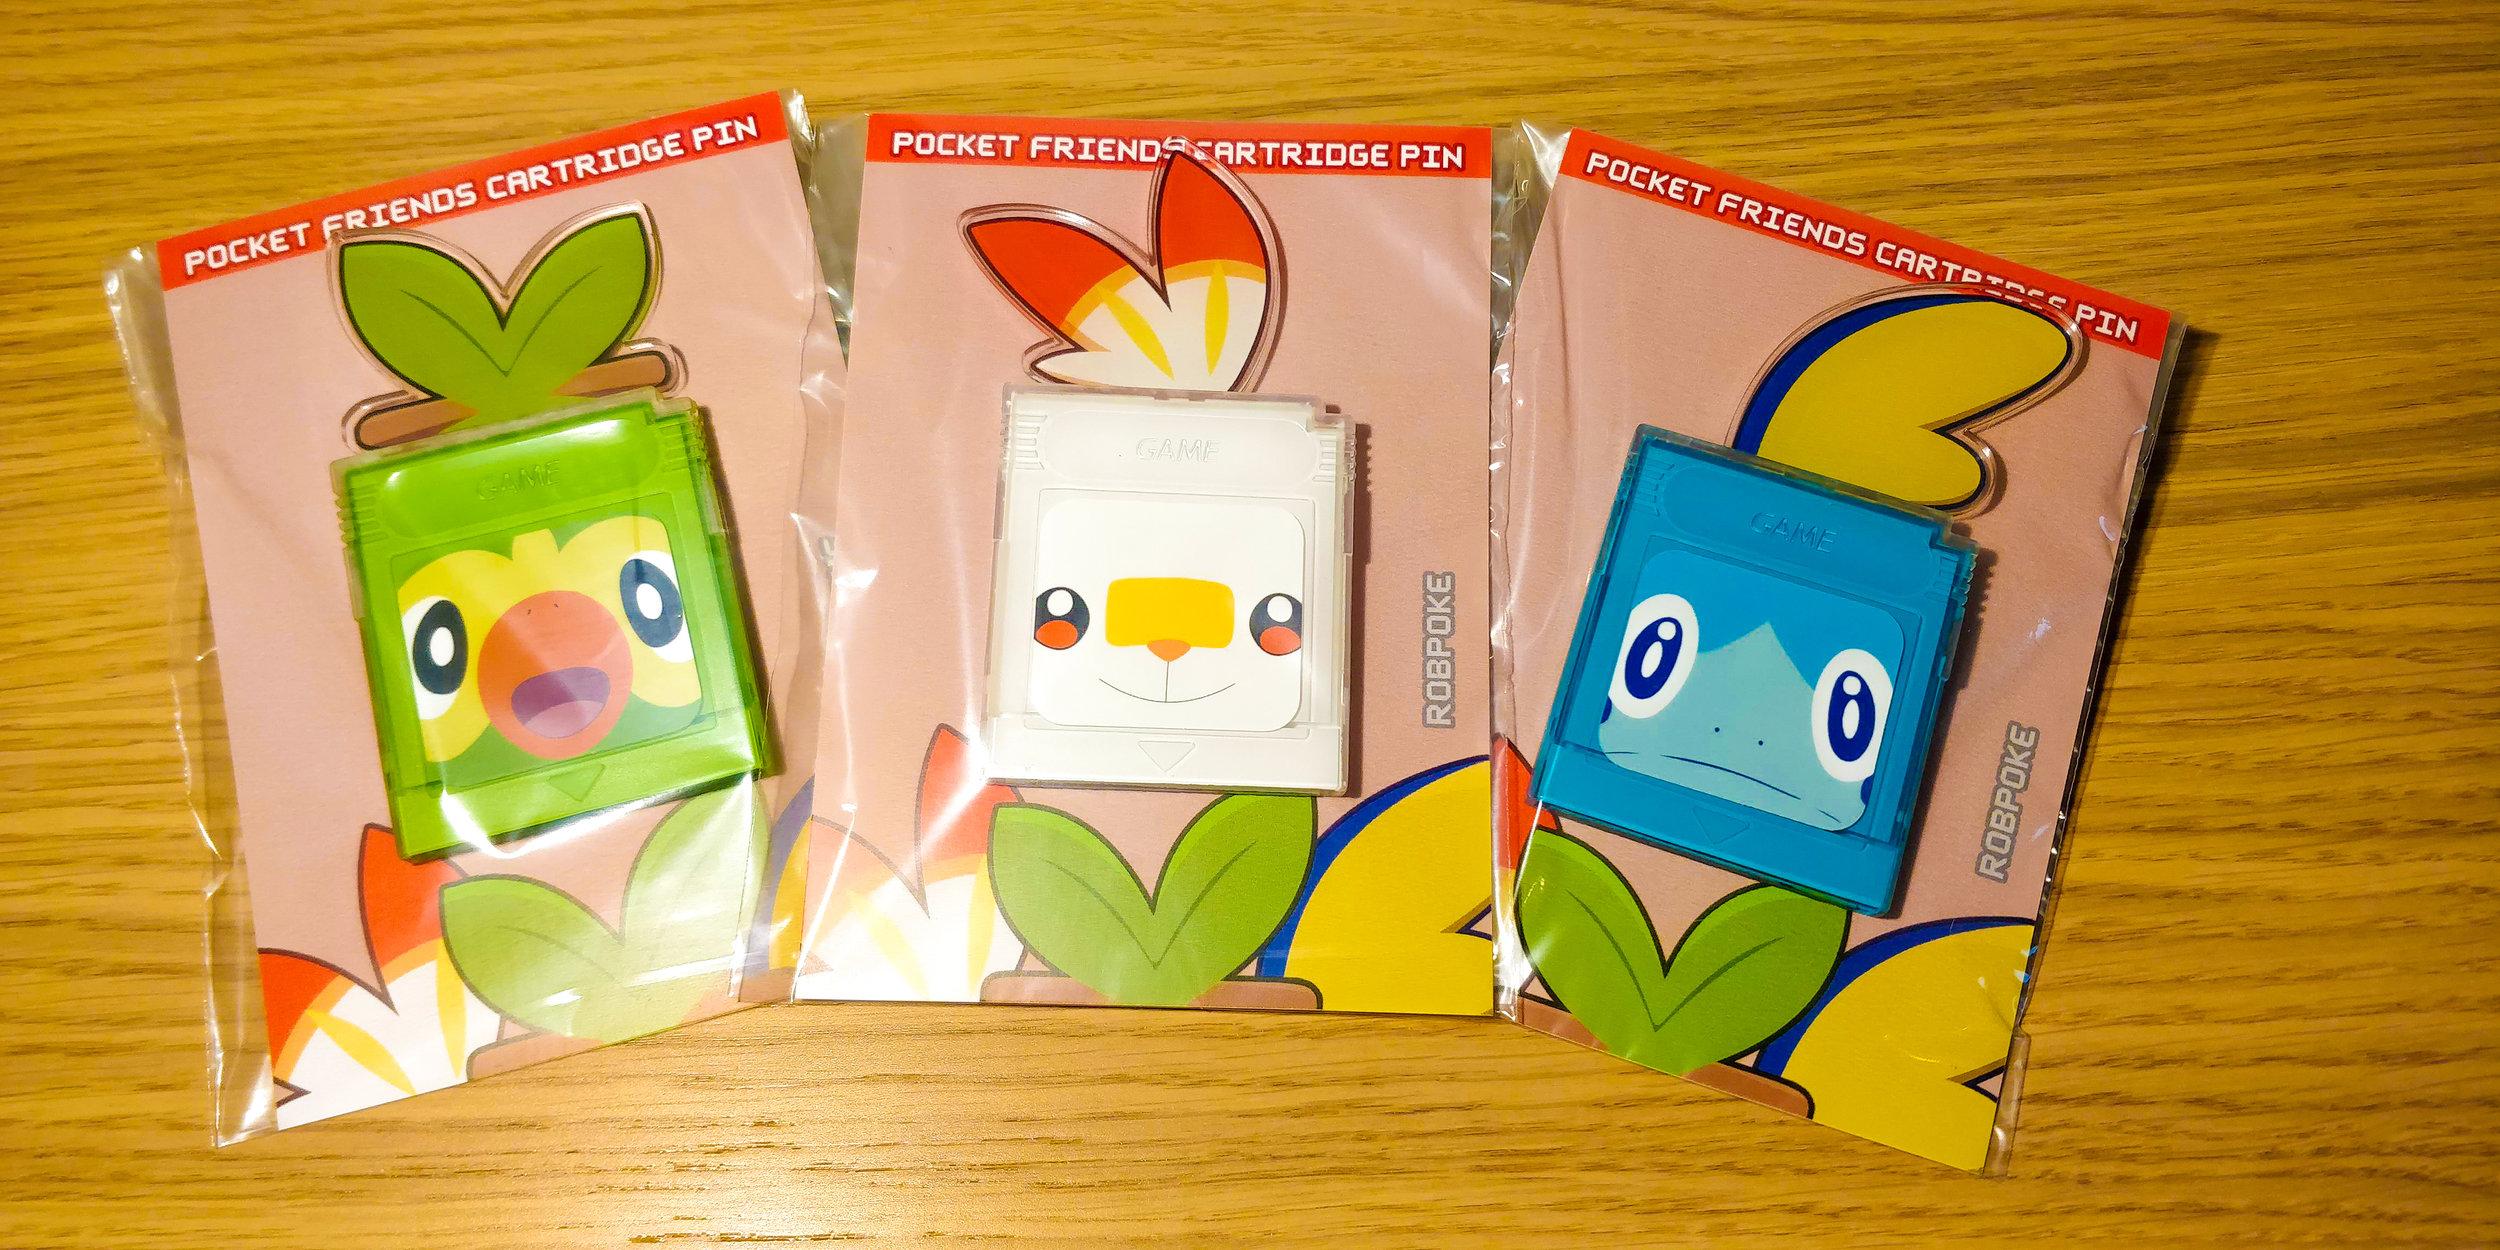 Pocket Friends Packaging.jpg